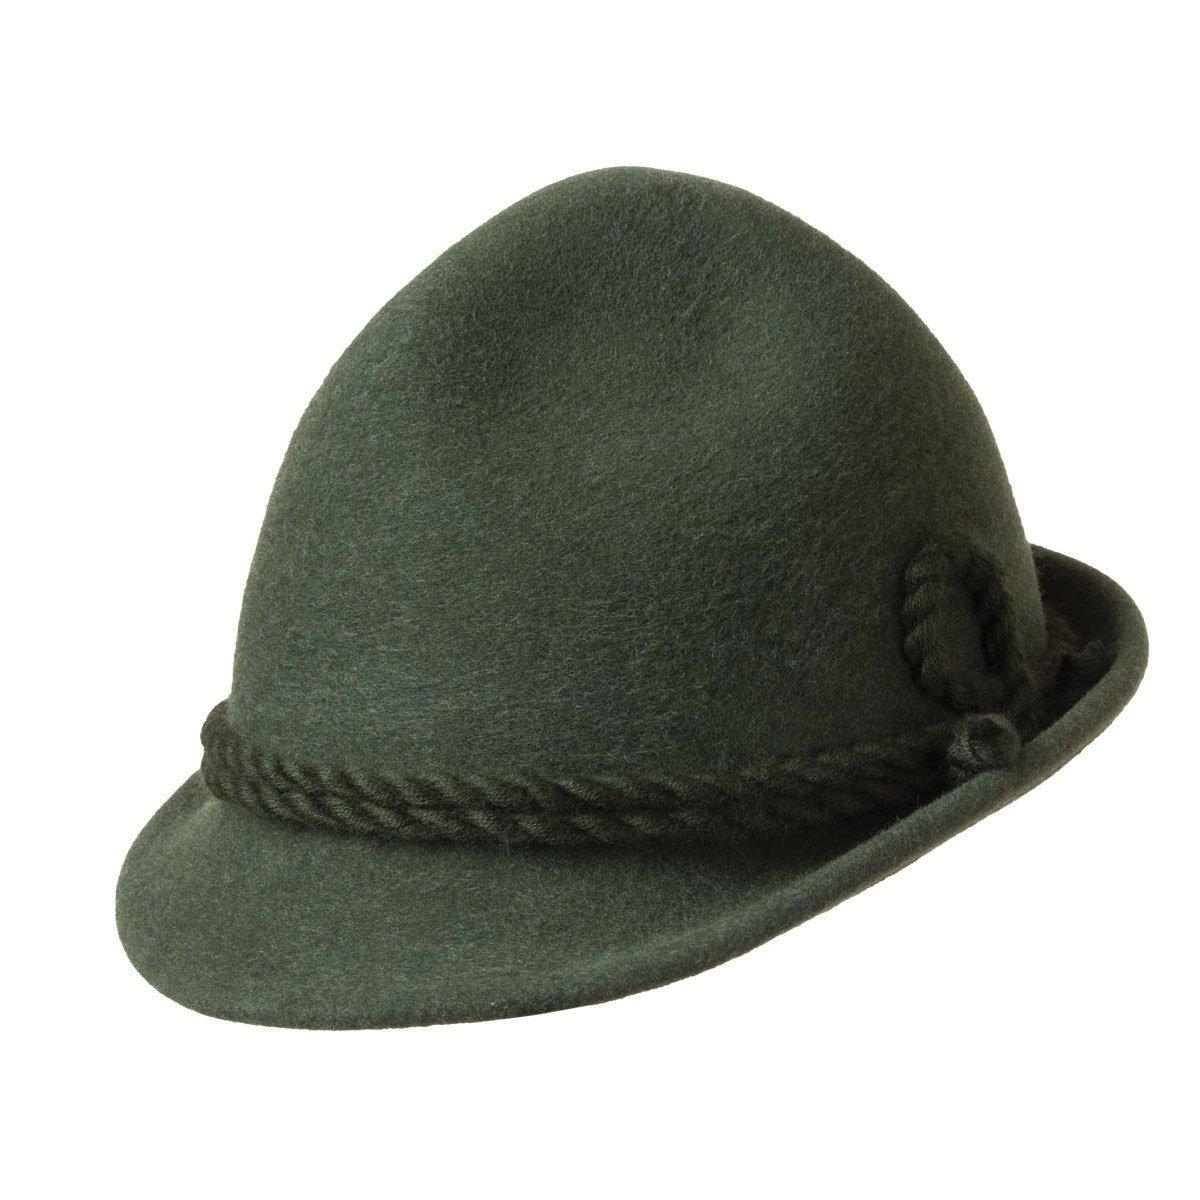 Cappello cacciatore con cordone in lana firmato Hutter ... 24a9f04838cf